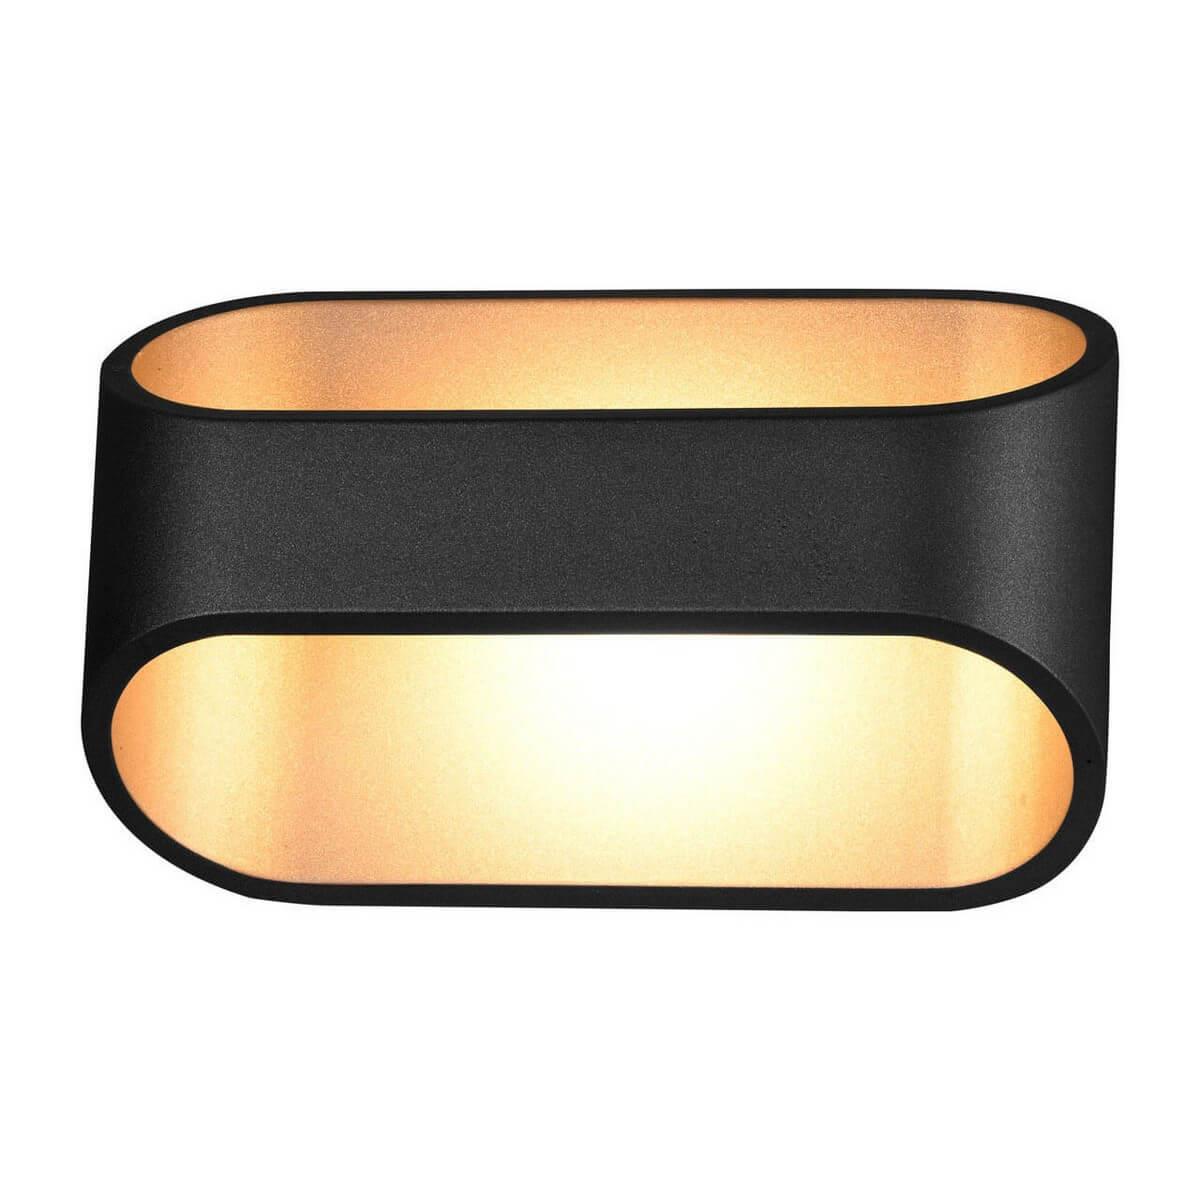 Настенный светодиодный светильник Kink Light Ось 08596,19 jd коллекция черная ось черная ось с одной подсветкой